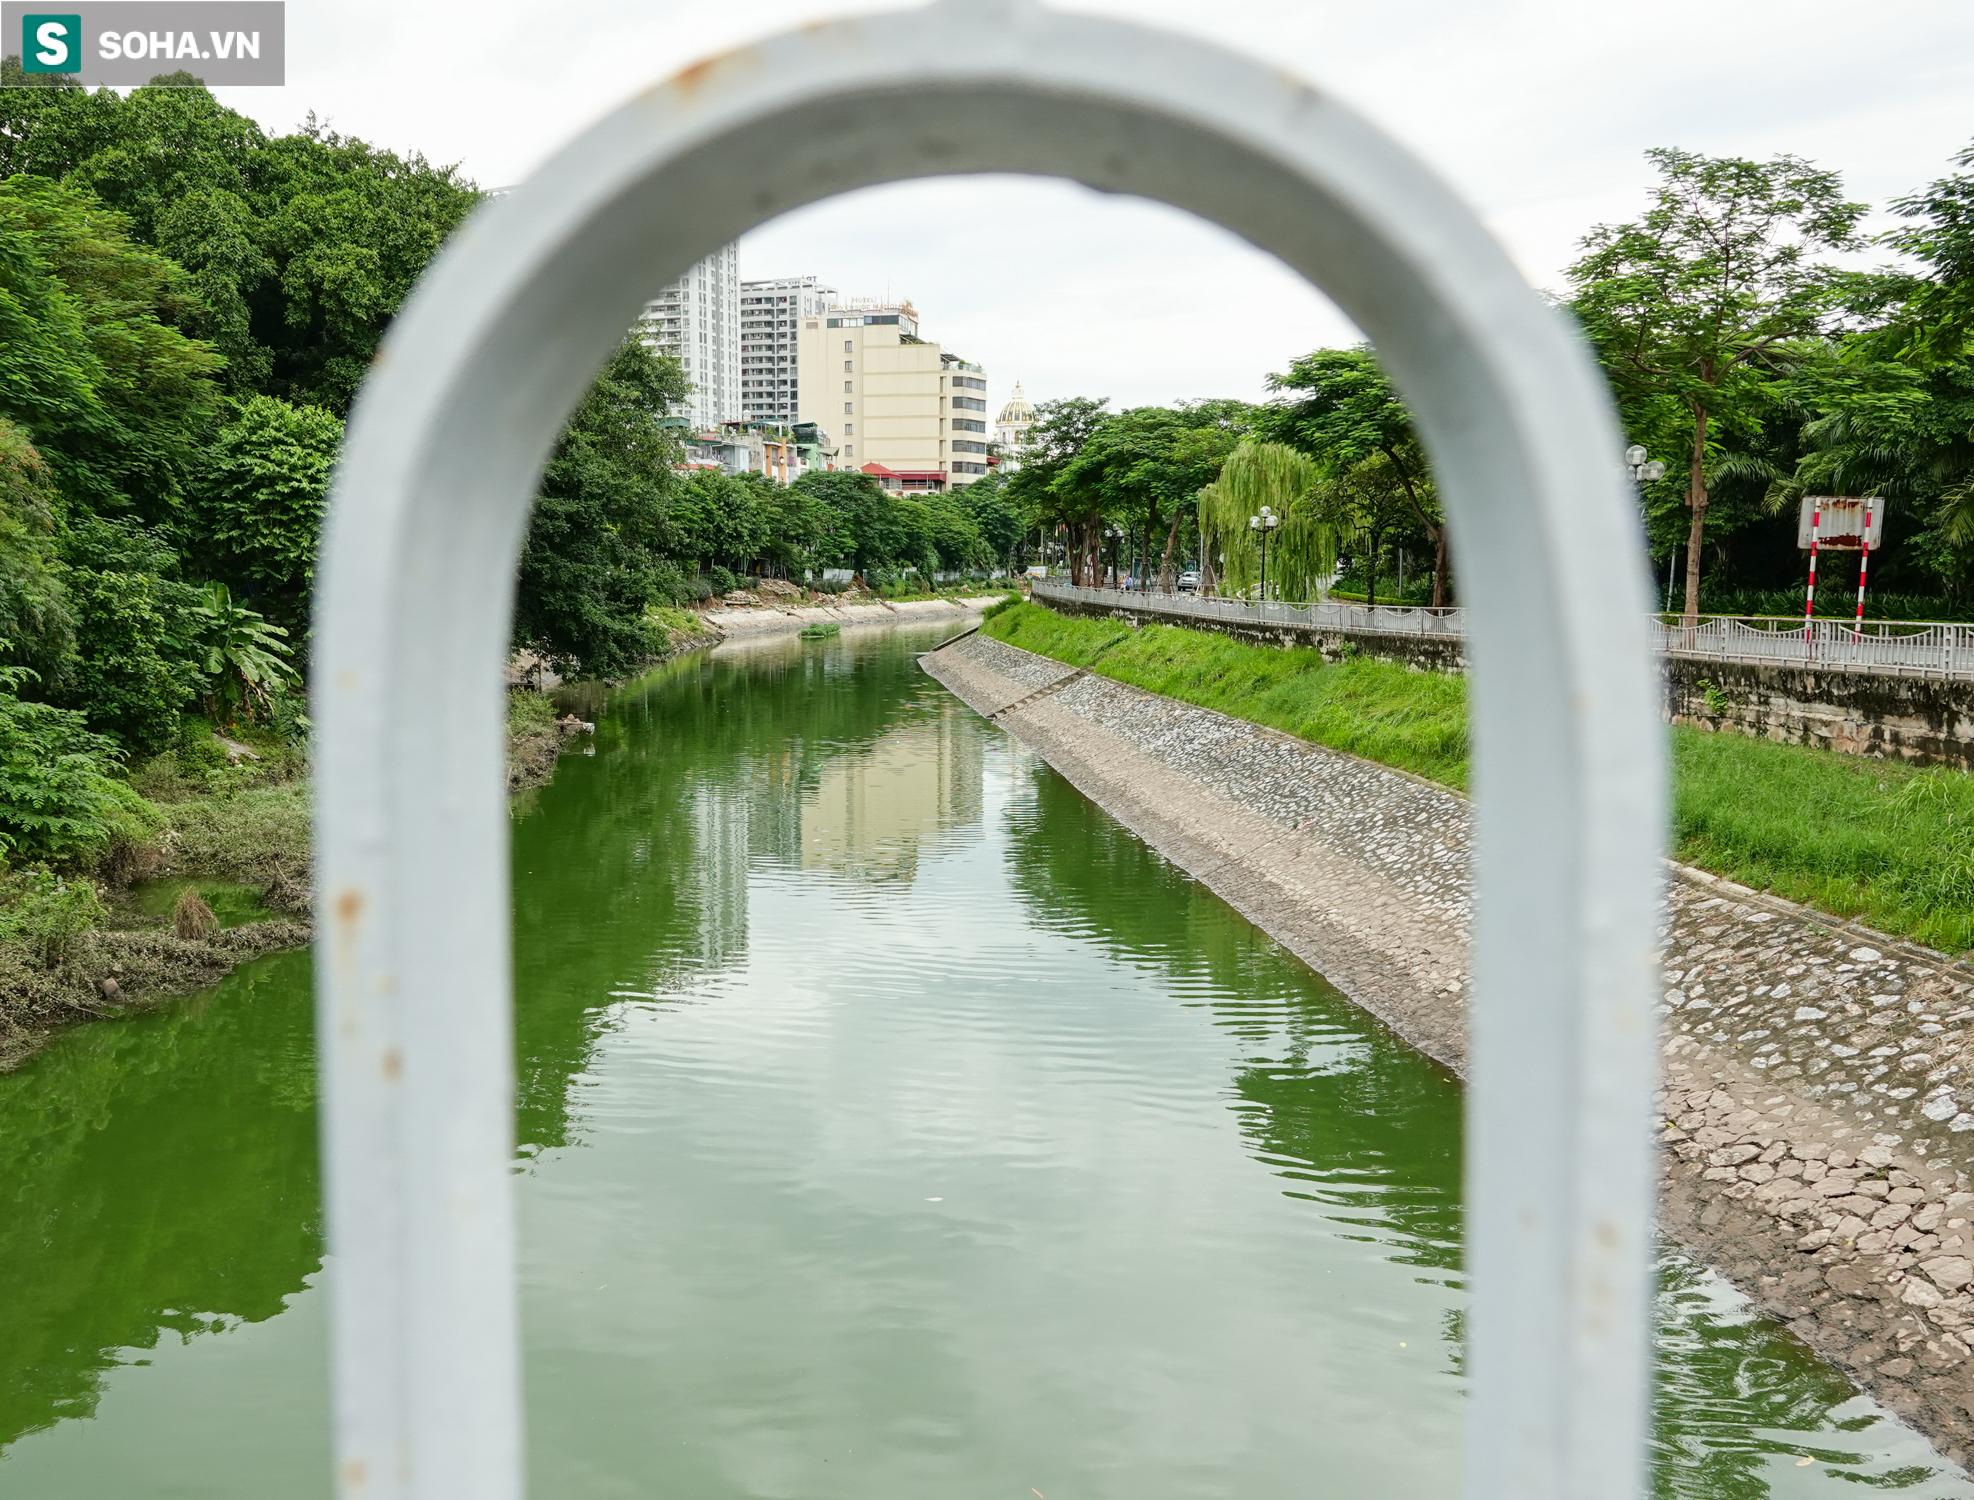 [ẢNH] Cận cảnh dòng nước xanh ngắt hiếm thấy tại sông Tô Lịch, cá bơi nhộn nhịp hàng đàn - Ảnh 7.